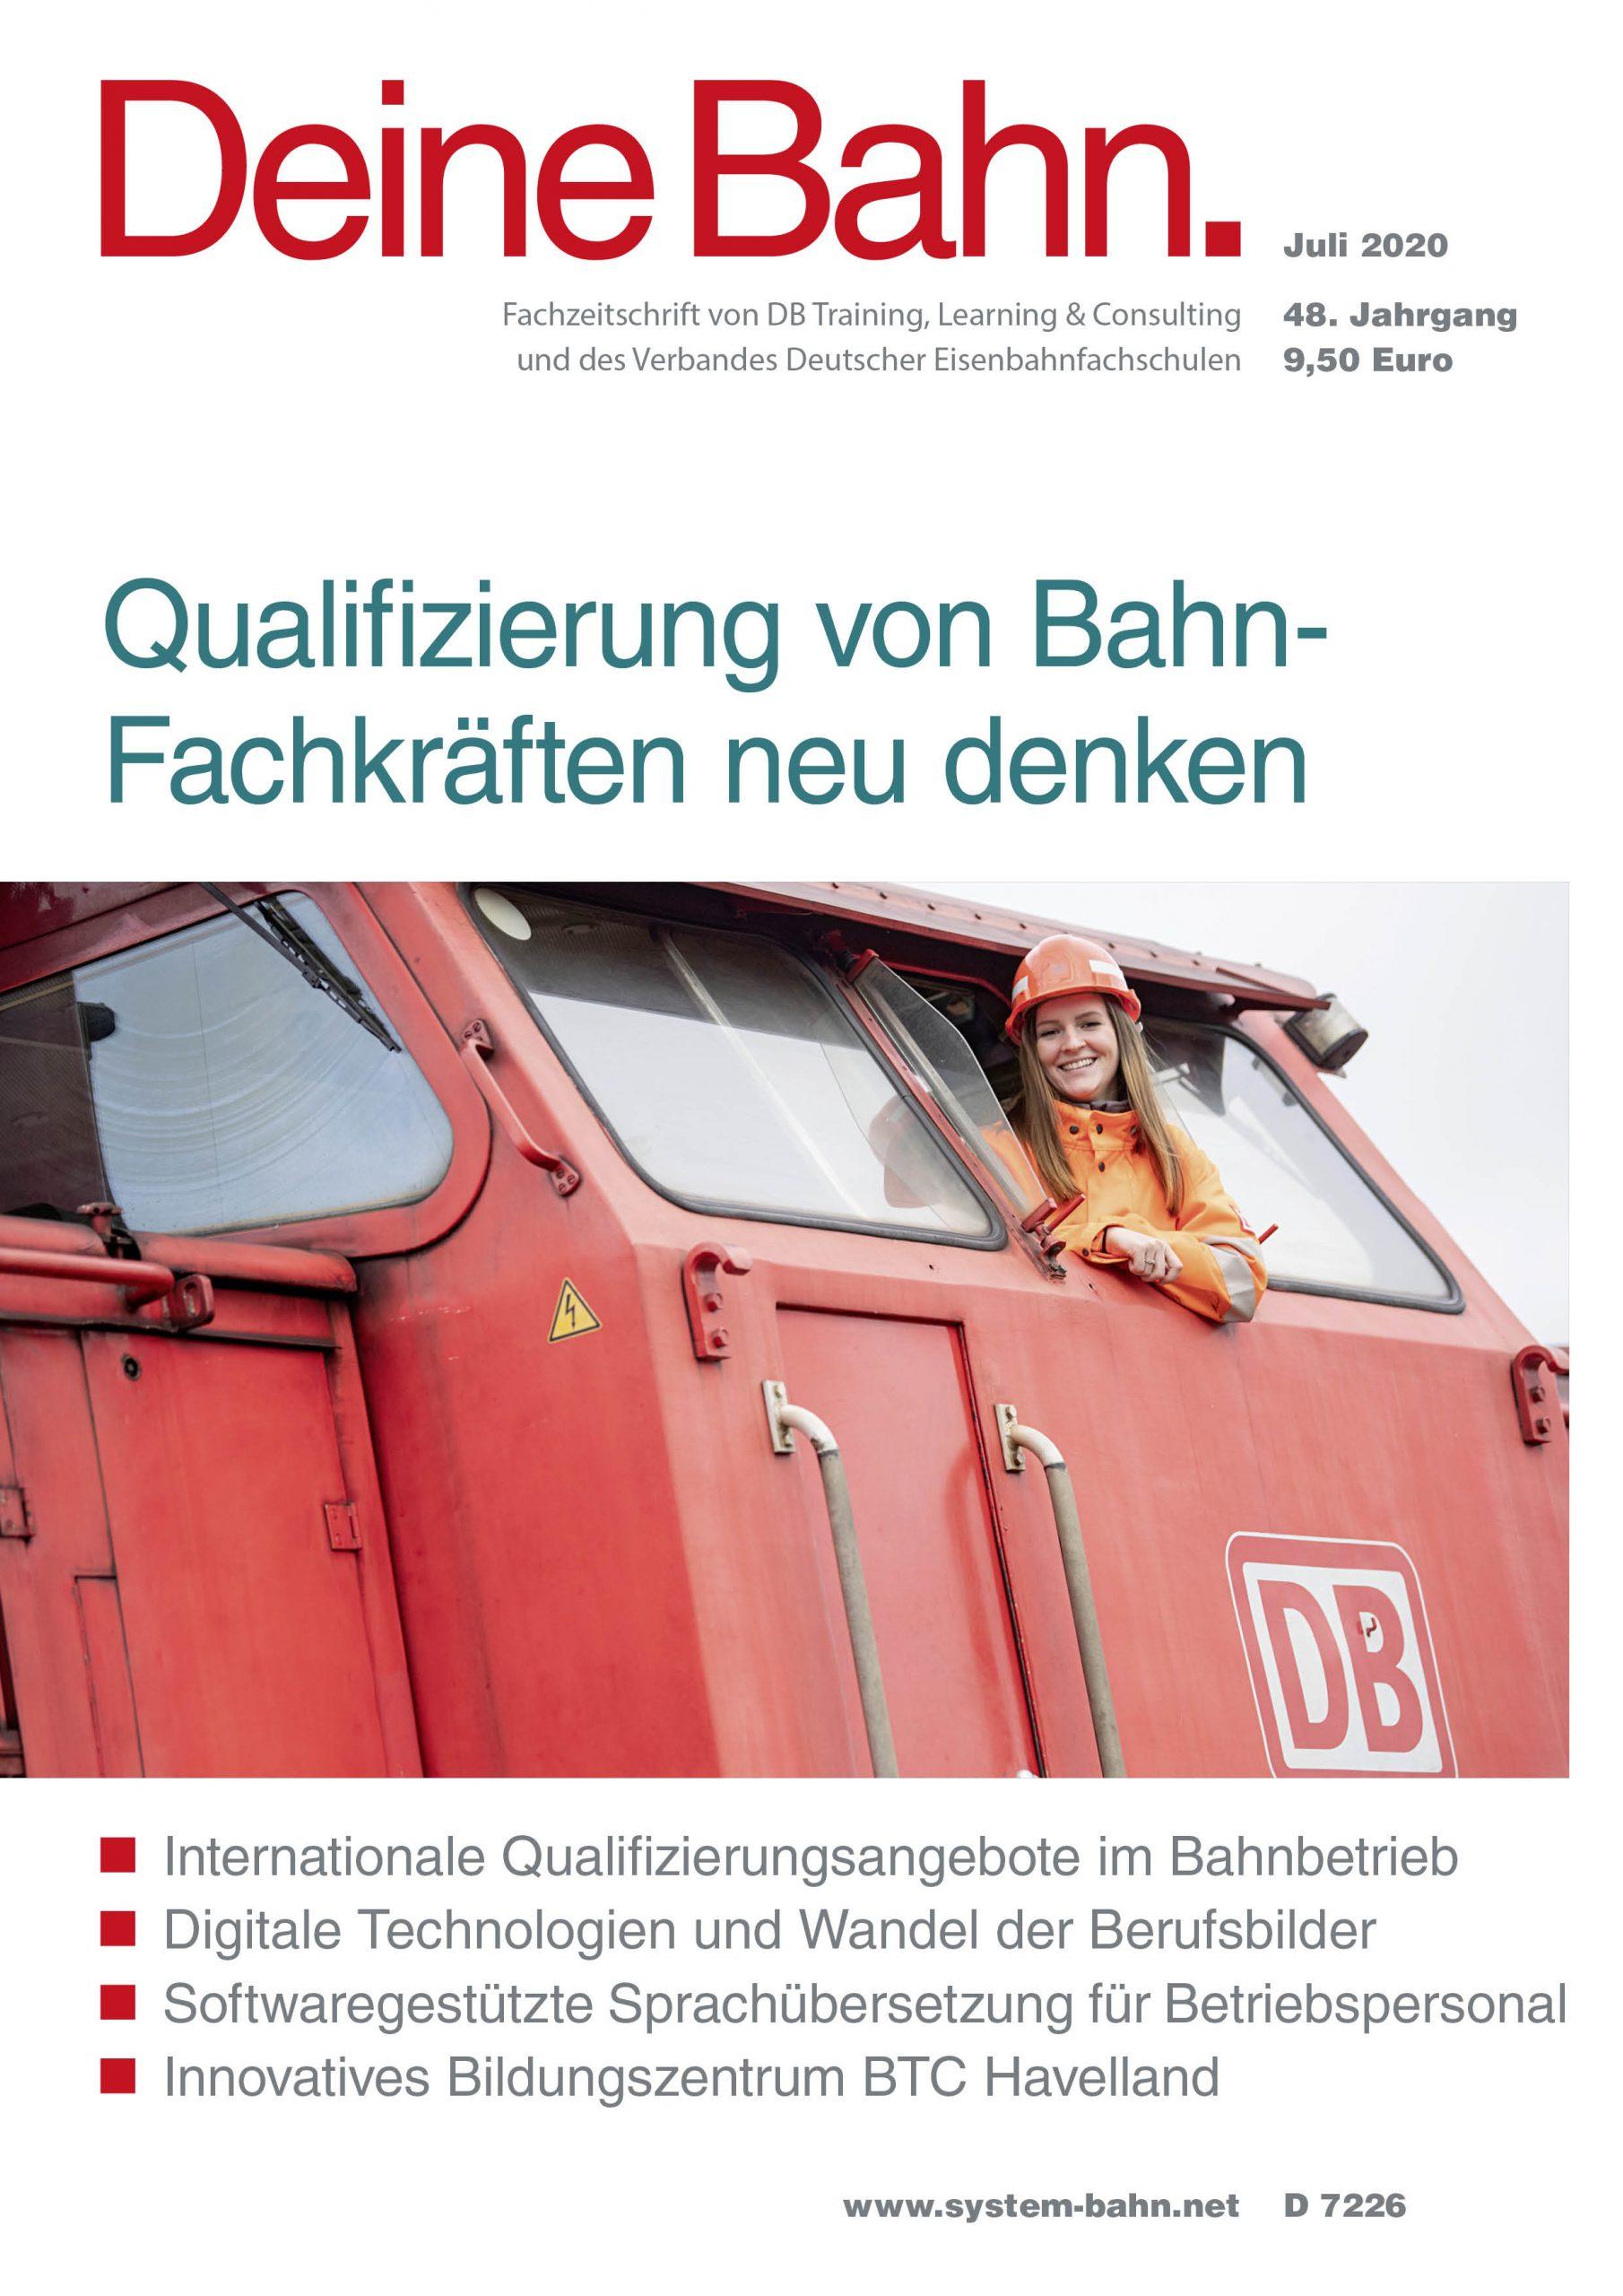 Umschlagmotiv Fachzeitschrift Deine Bahn Juli 2020